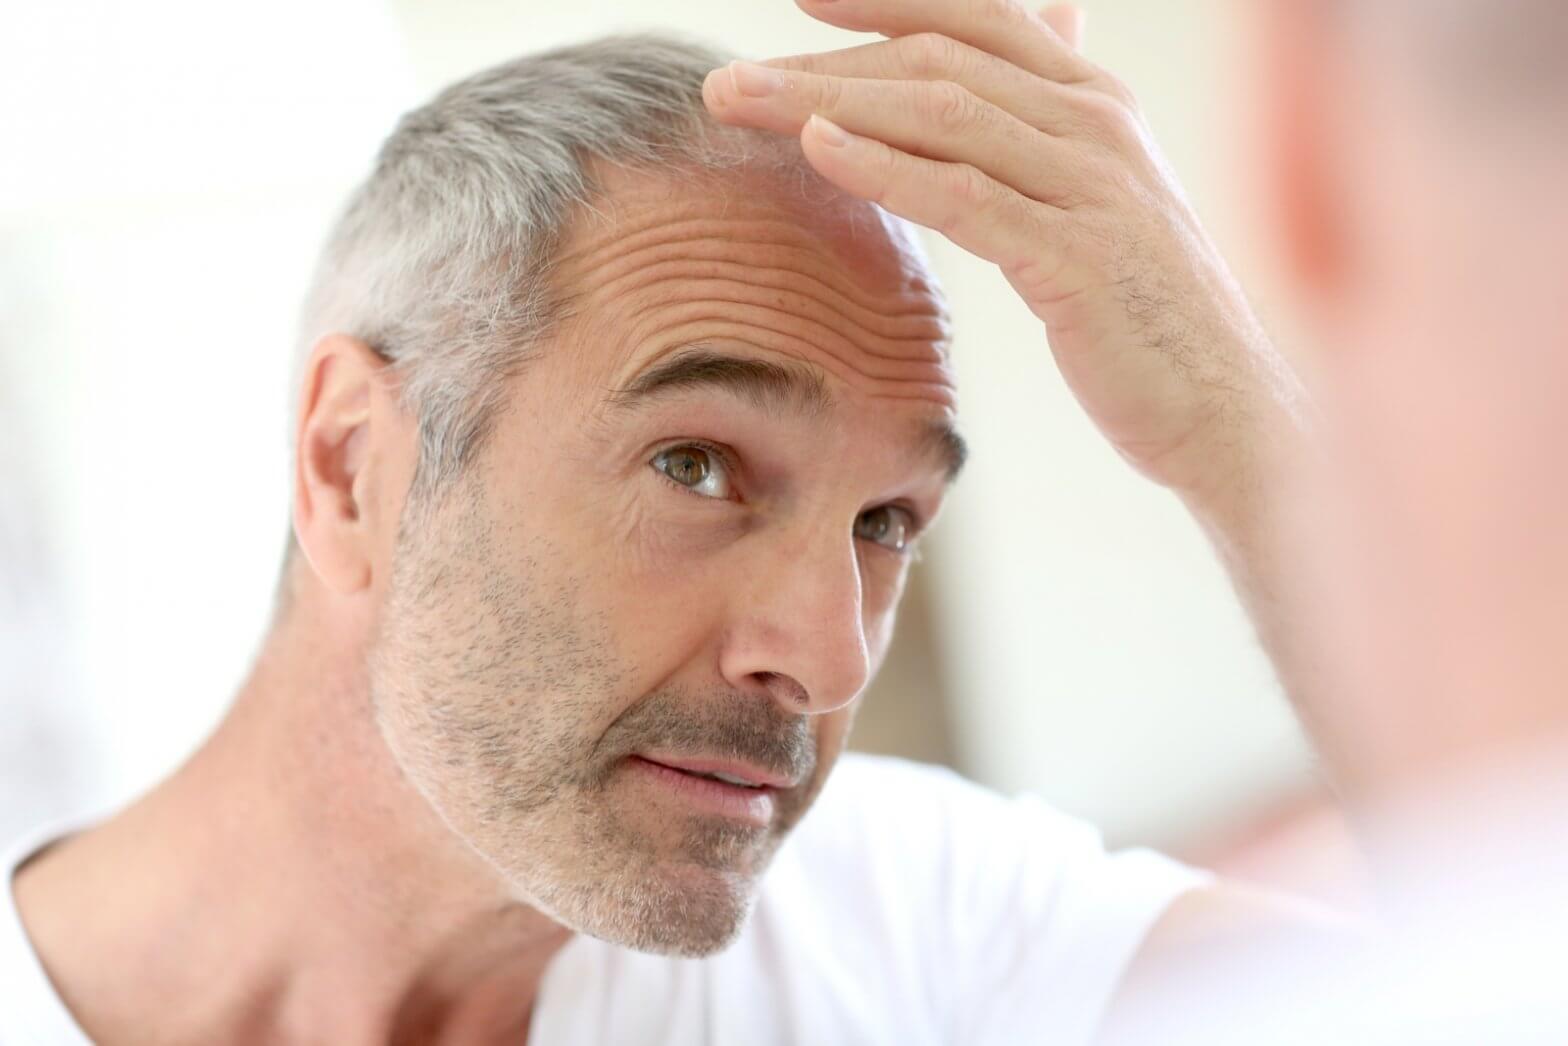 頭髮長很慢?解析異常掉髮原因,維持髮量靠健康的頭皮!